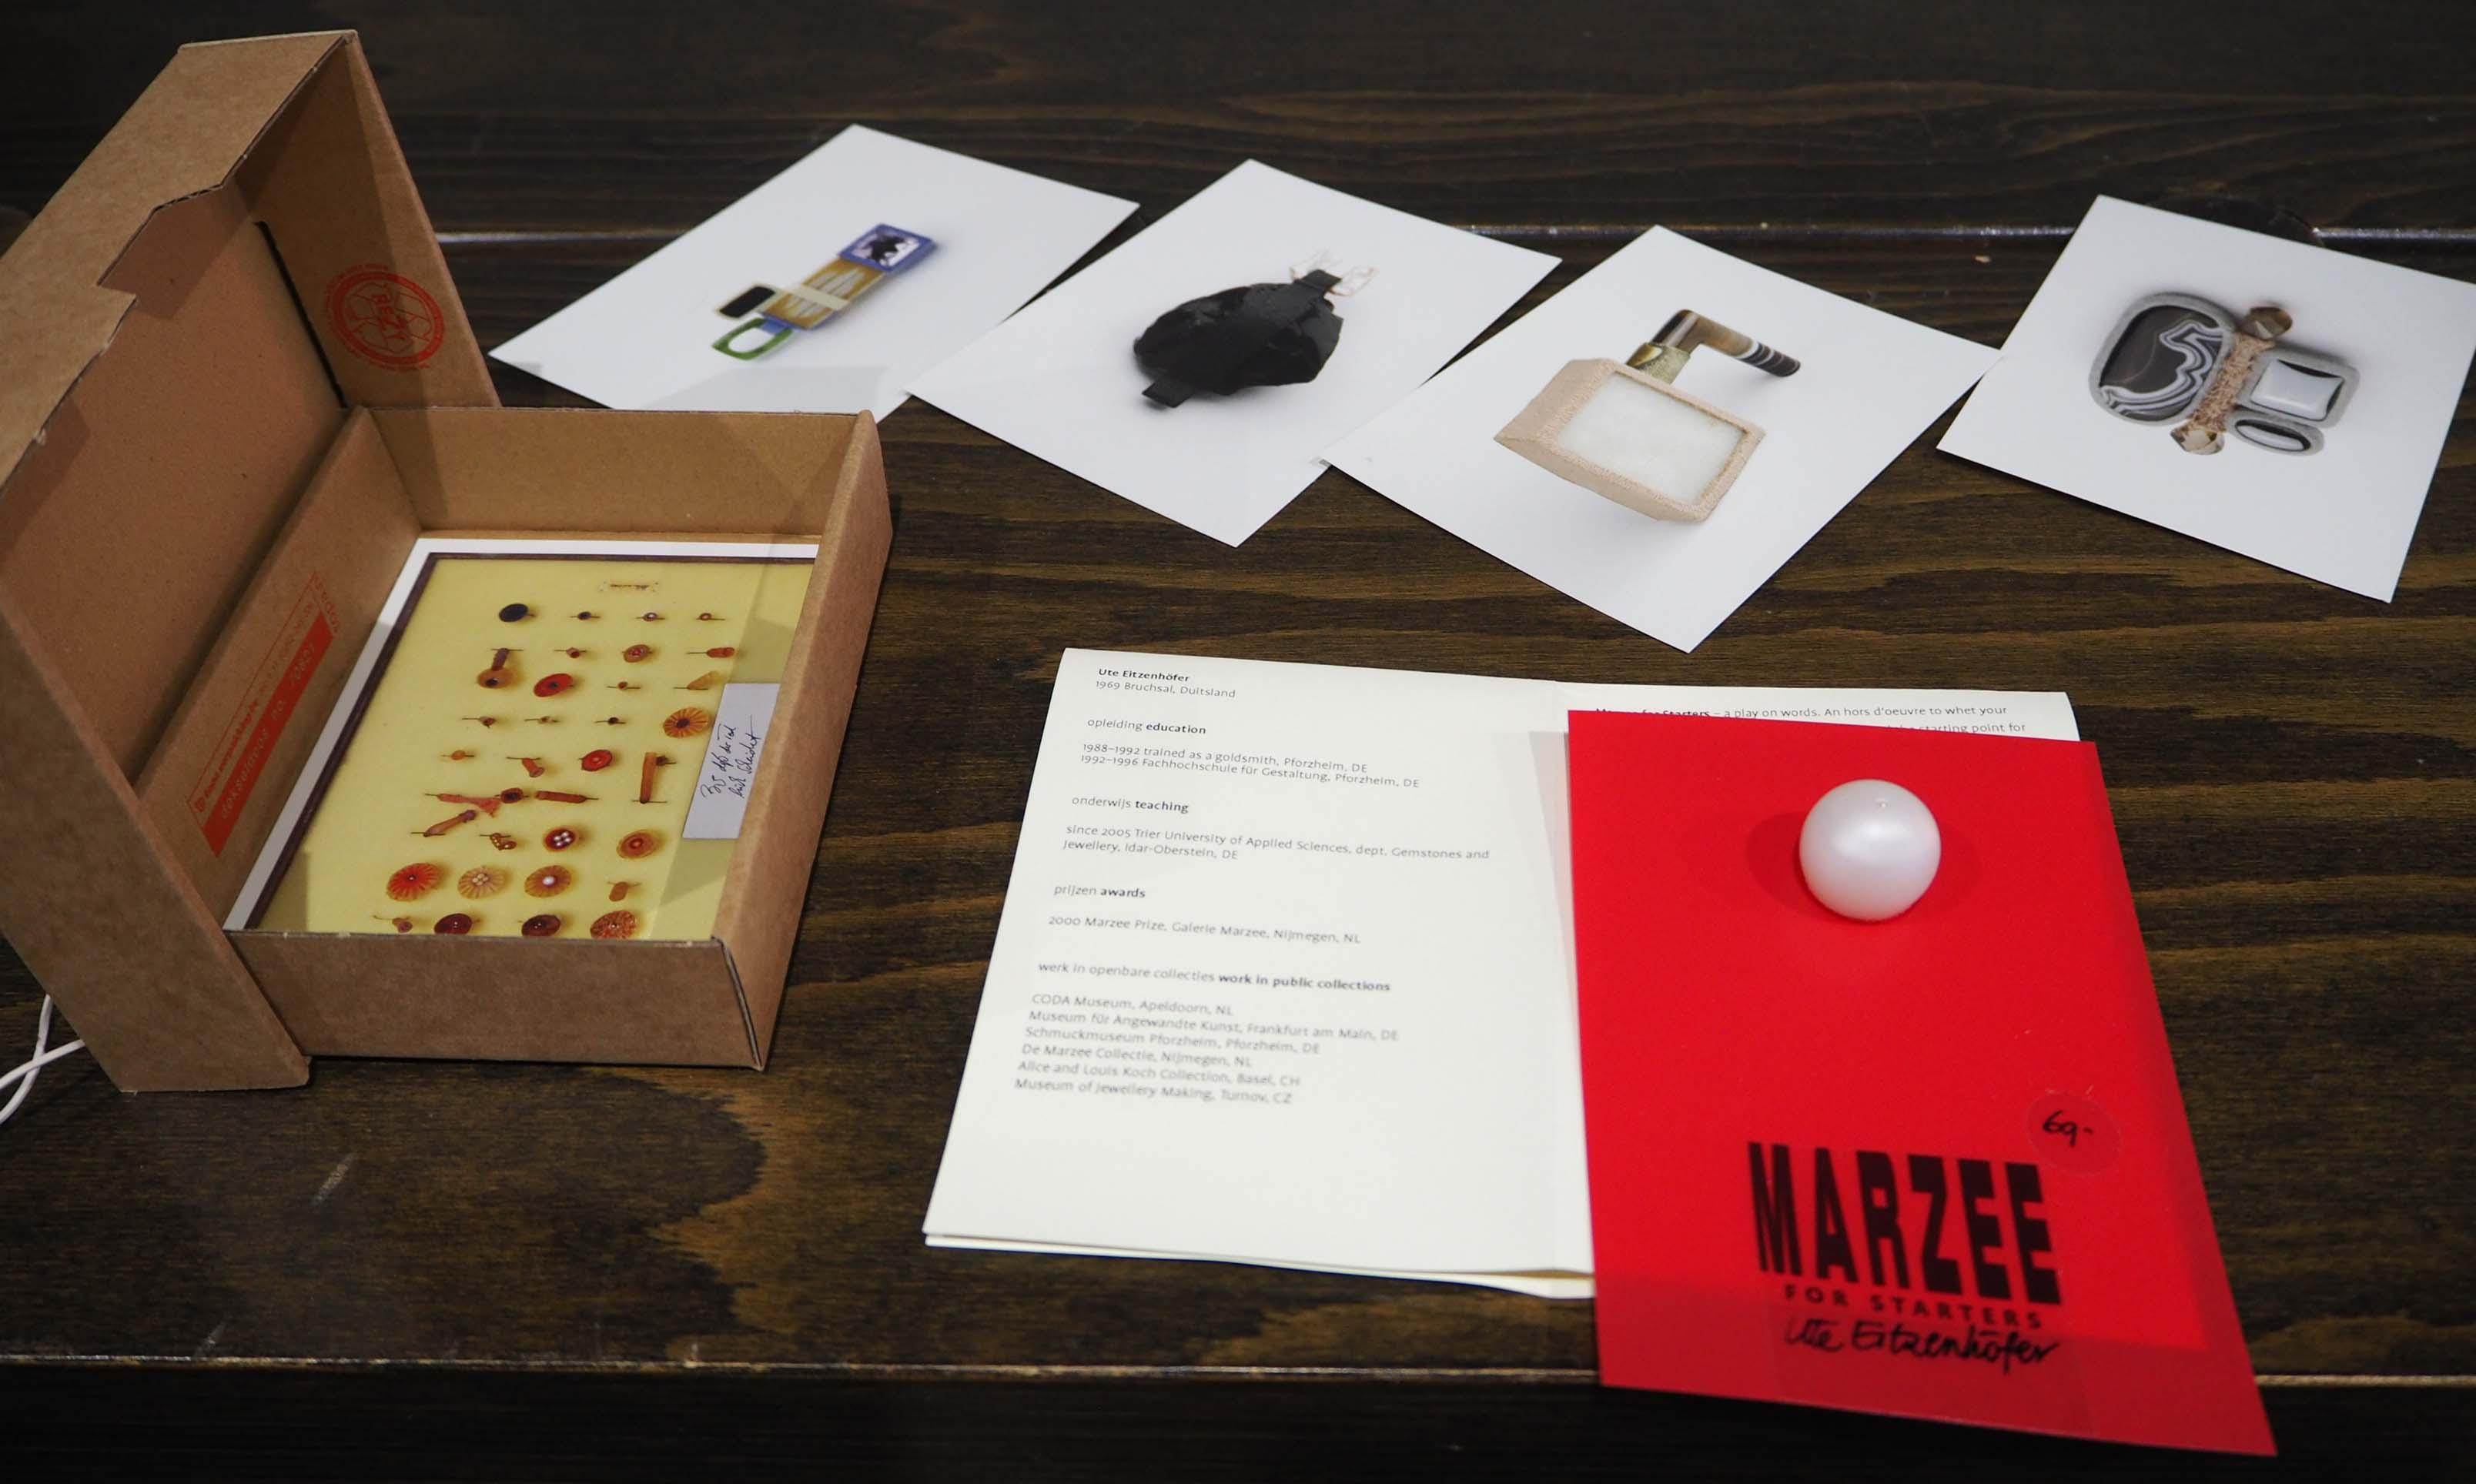 Galerie Marzee heeft speciale sieraden collectie voor startende verzamelaars